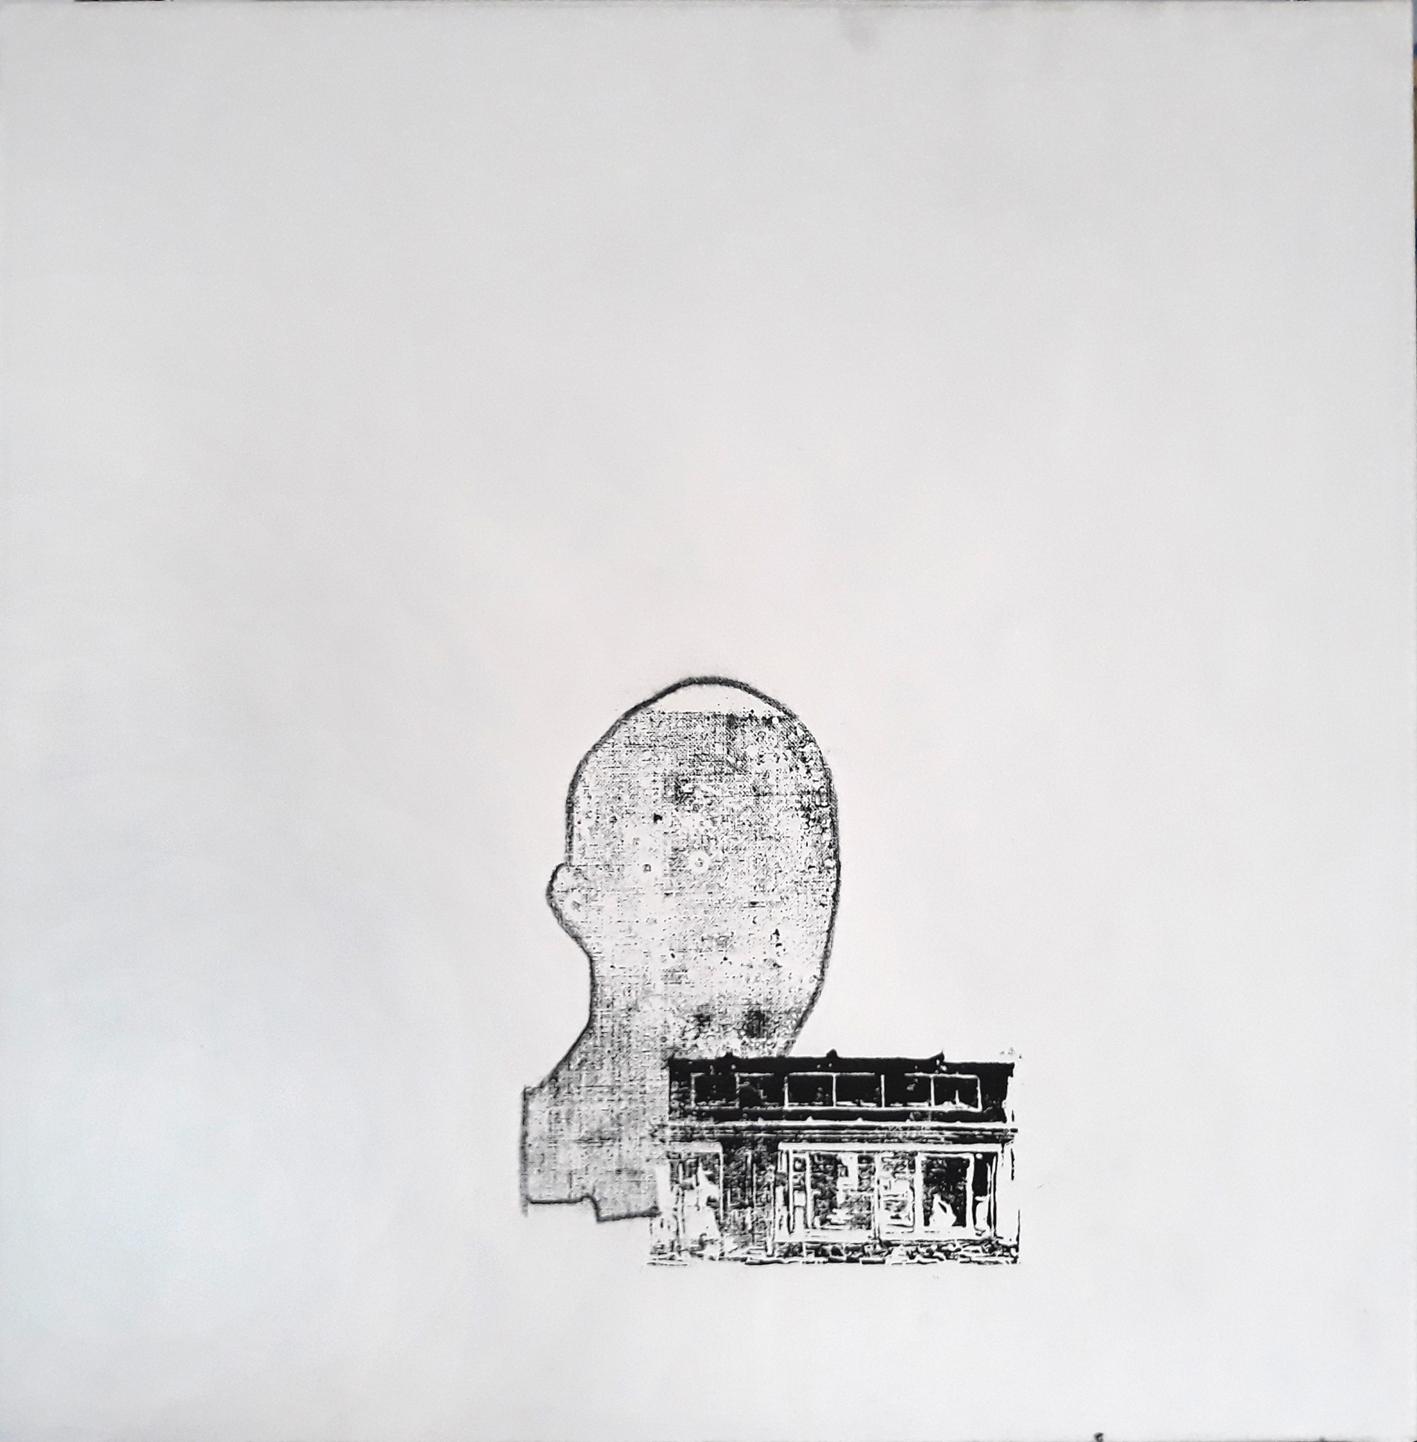 als erster: Christoph Mayer mittels Drucktechnik